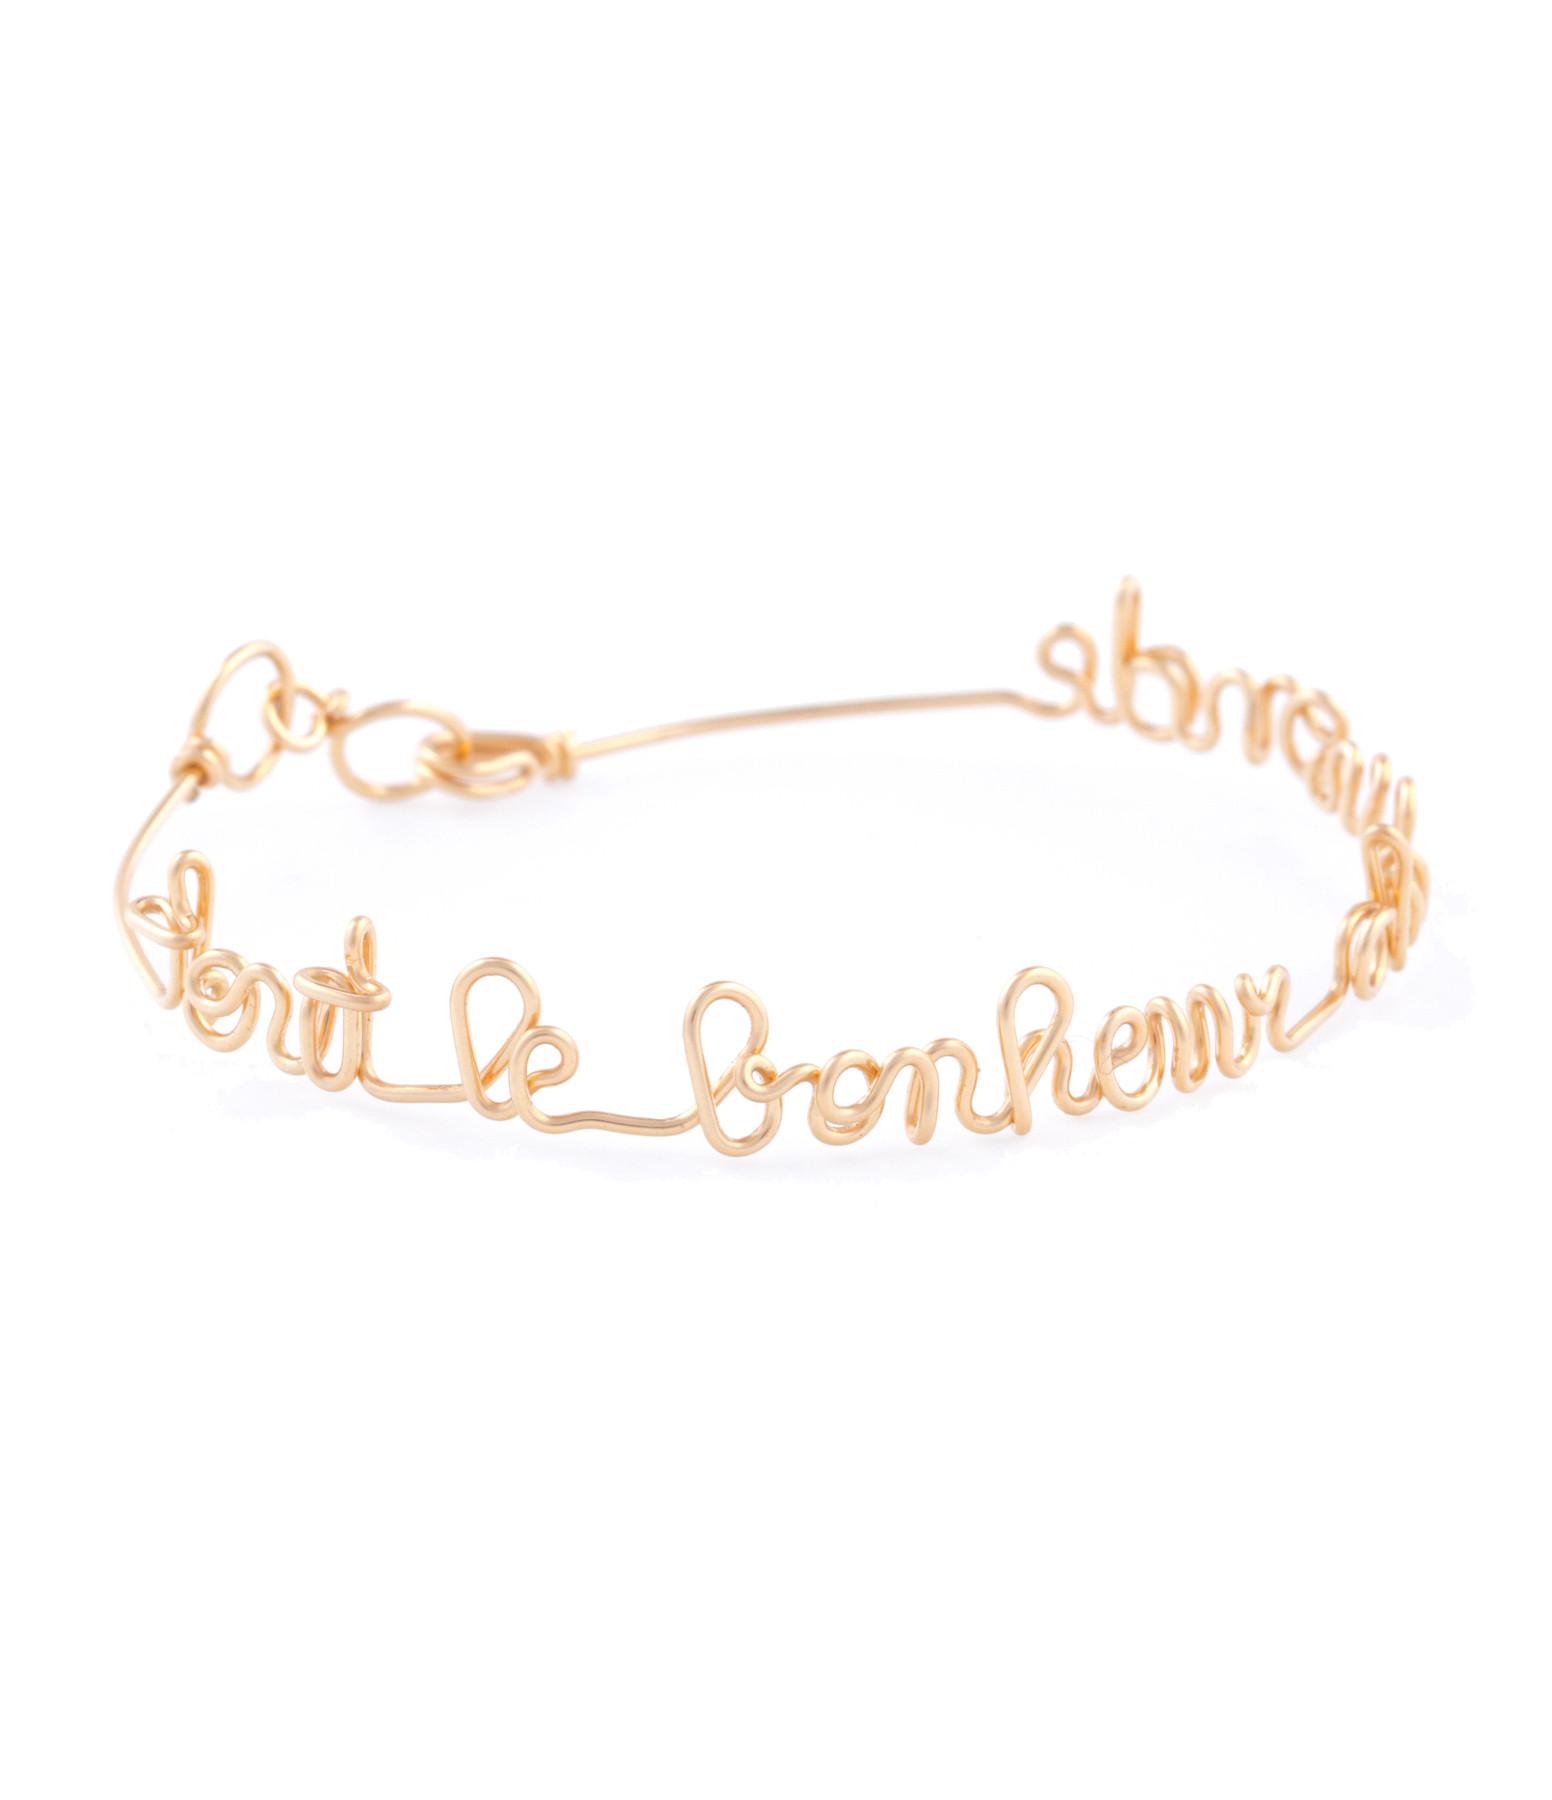 ATELIER PAULIN - Bracelet Fil Tout le Bonheur Gold Filled 14K